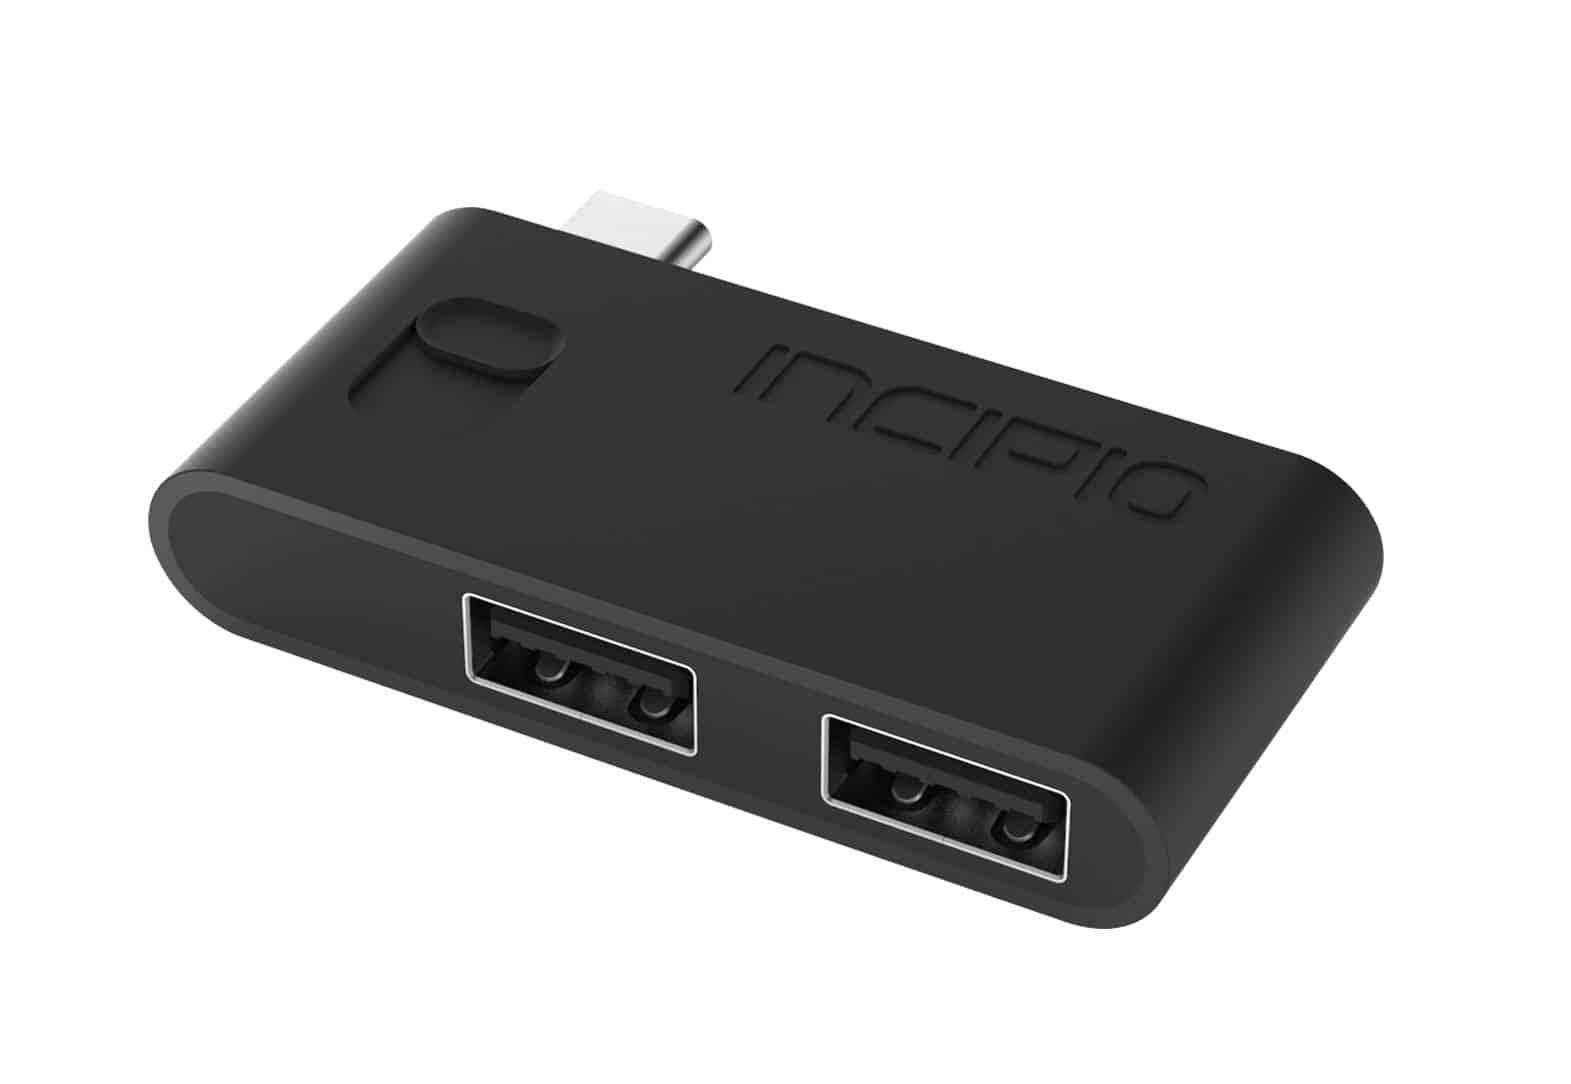 Incipio_Type C Mini-Hub